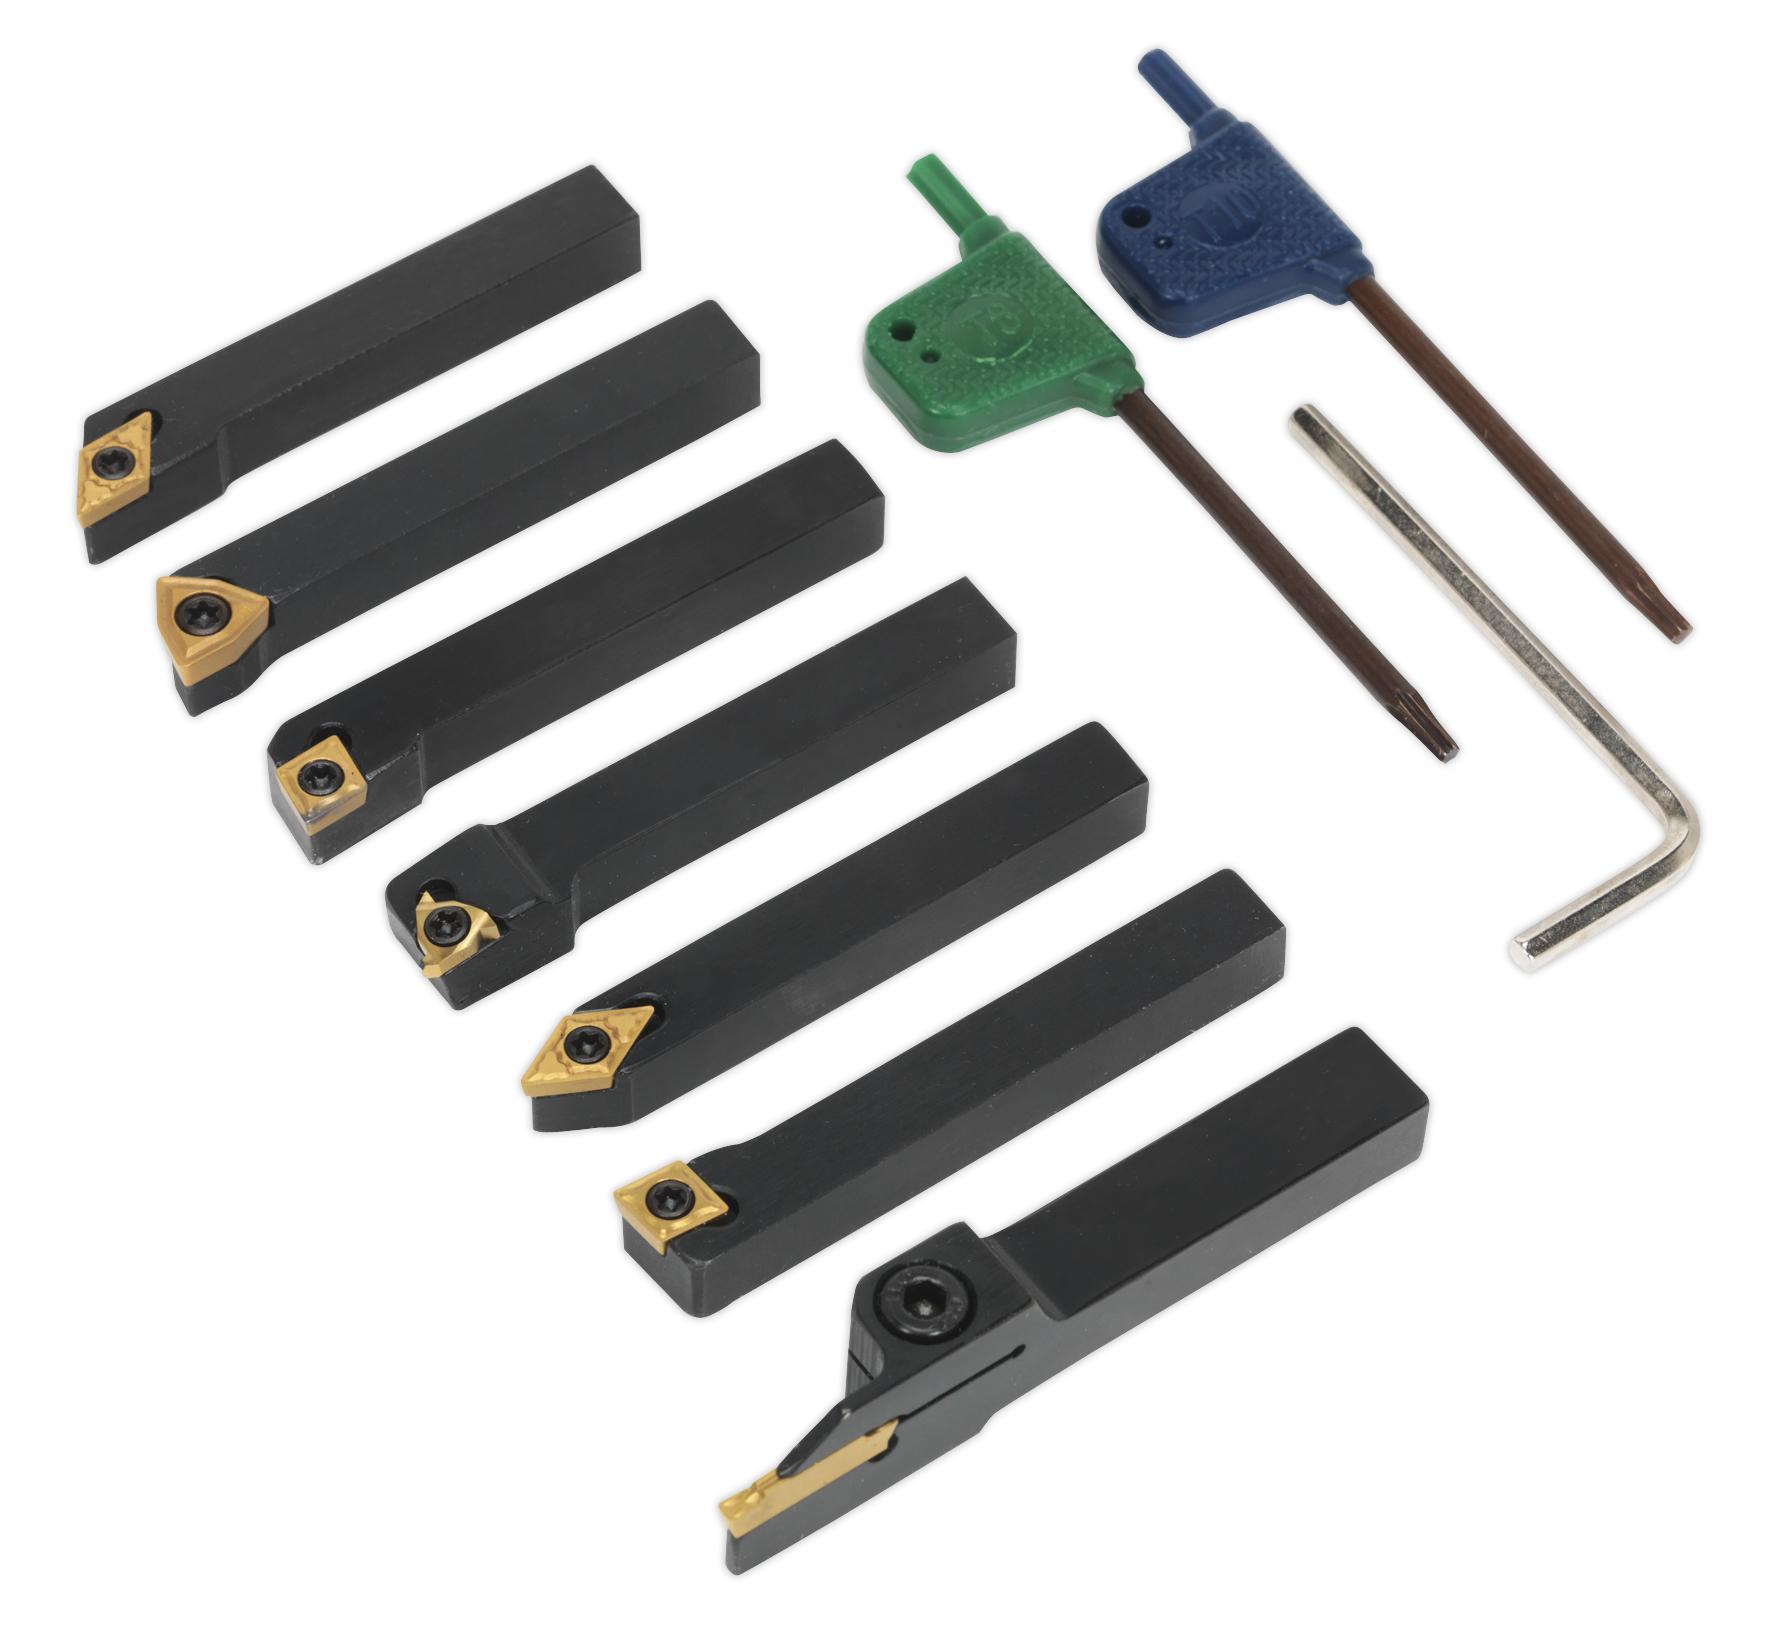 SM3025CS5 Sealey Indexable 8mm Lathe Turning Tool Set 7pc ...